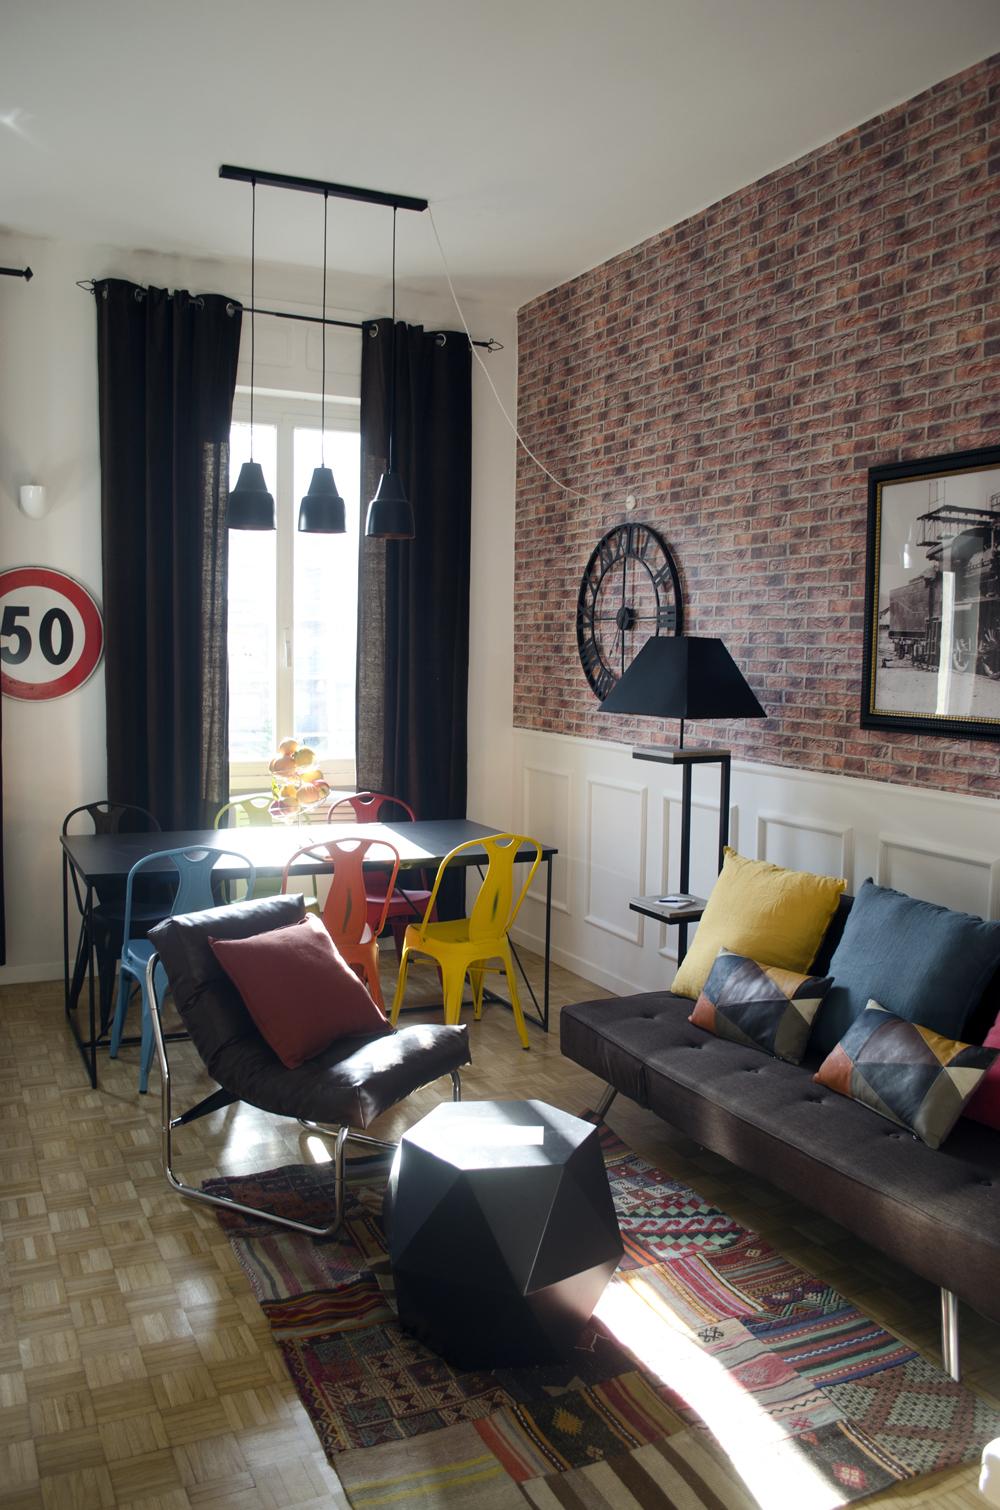 vacanze in appartamento di design e plus da hotel con